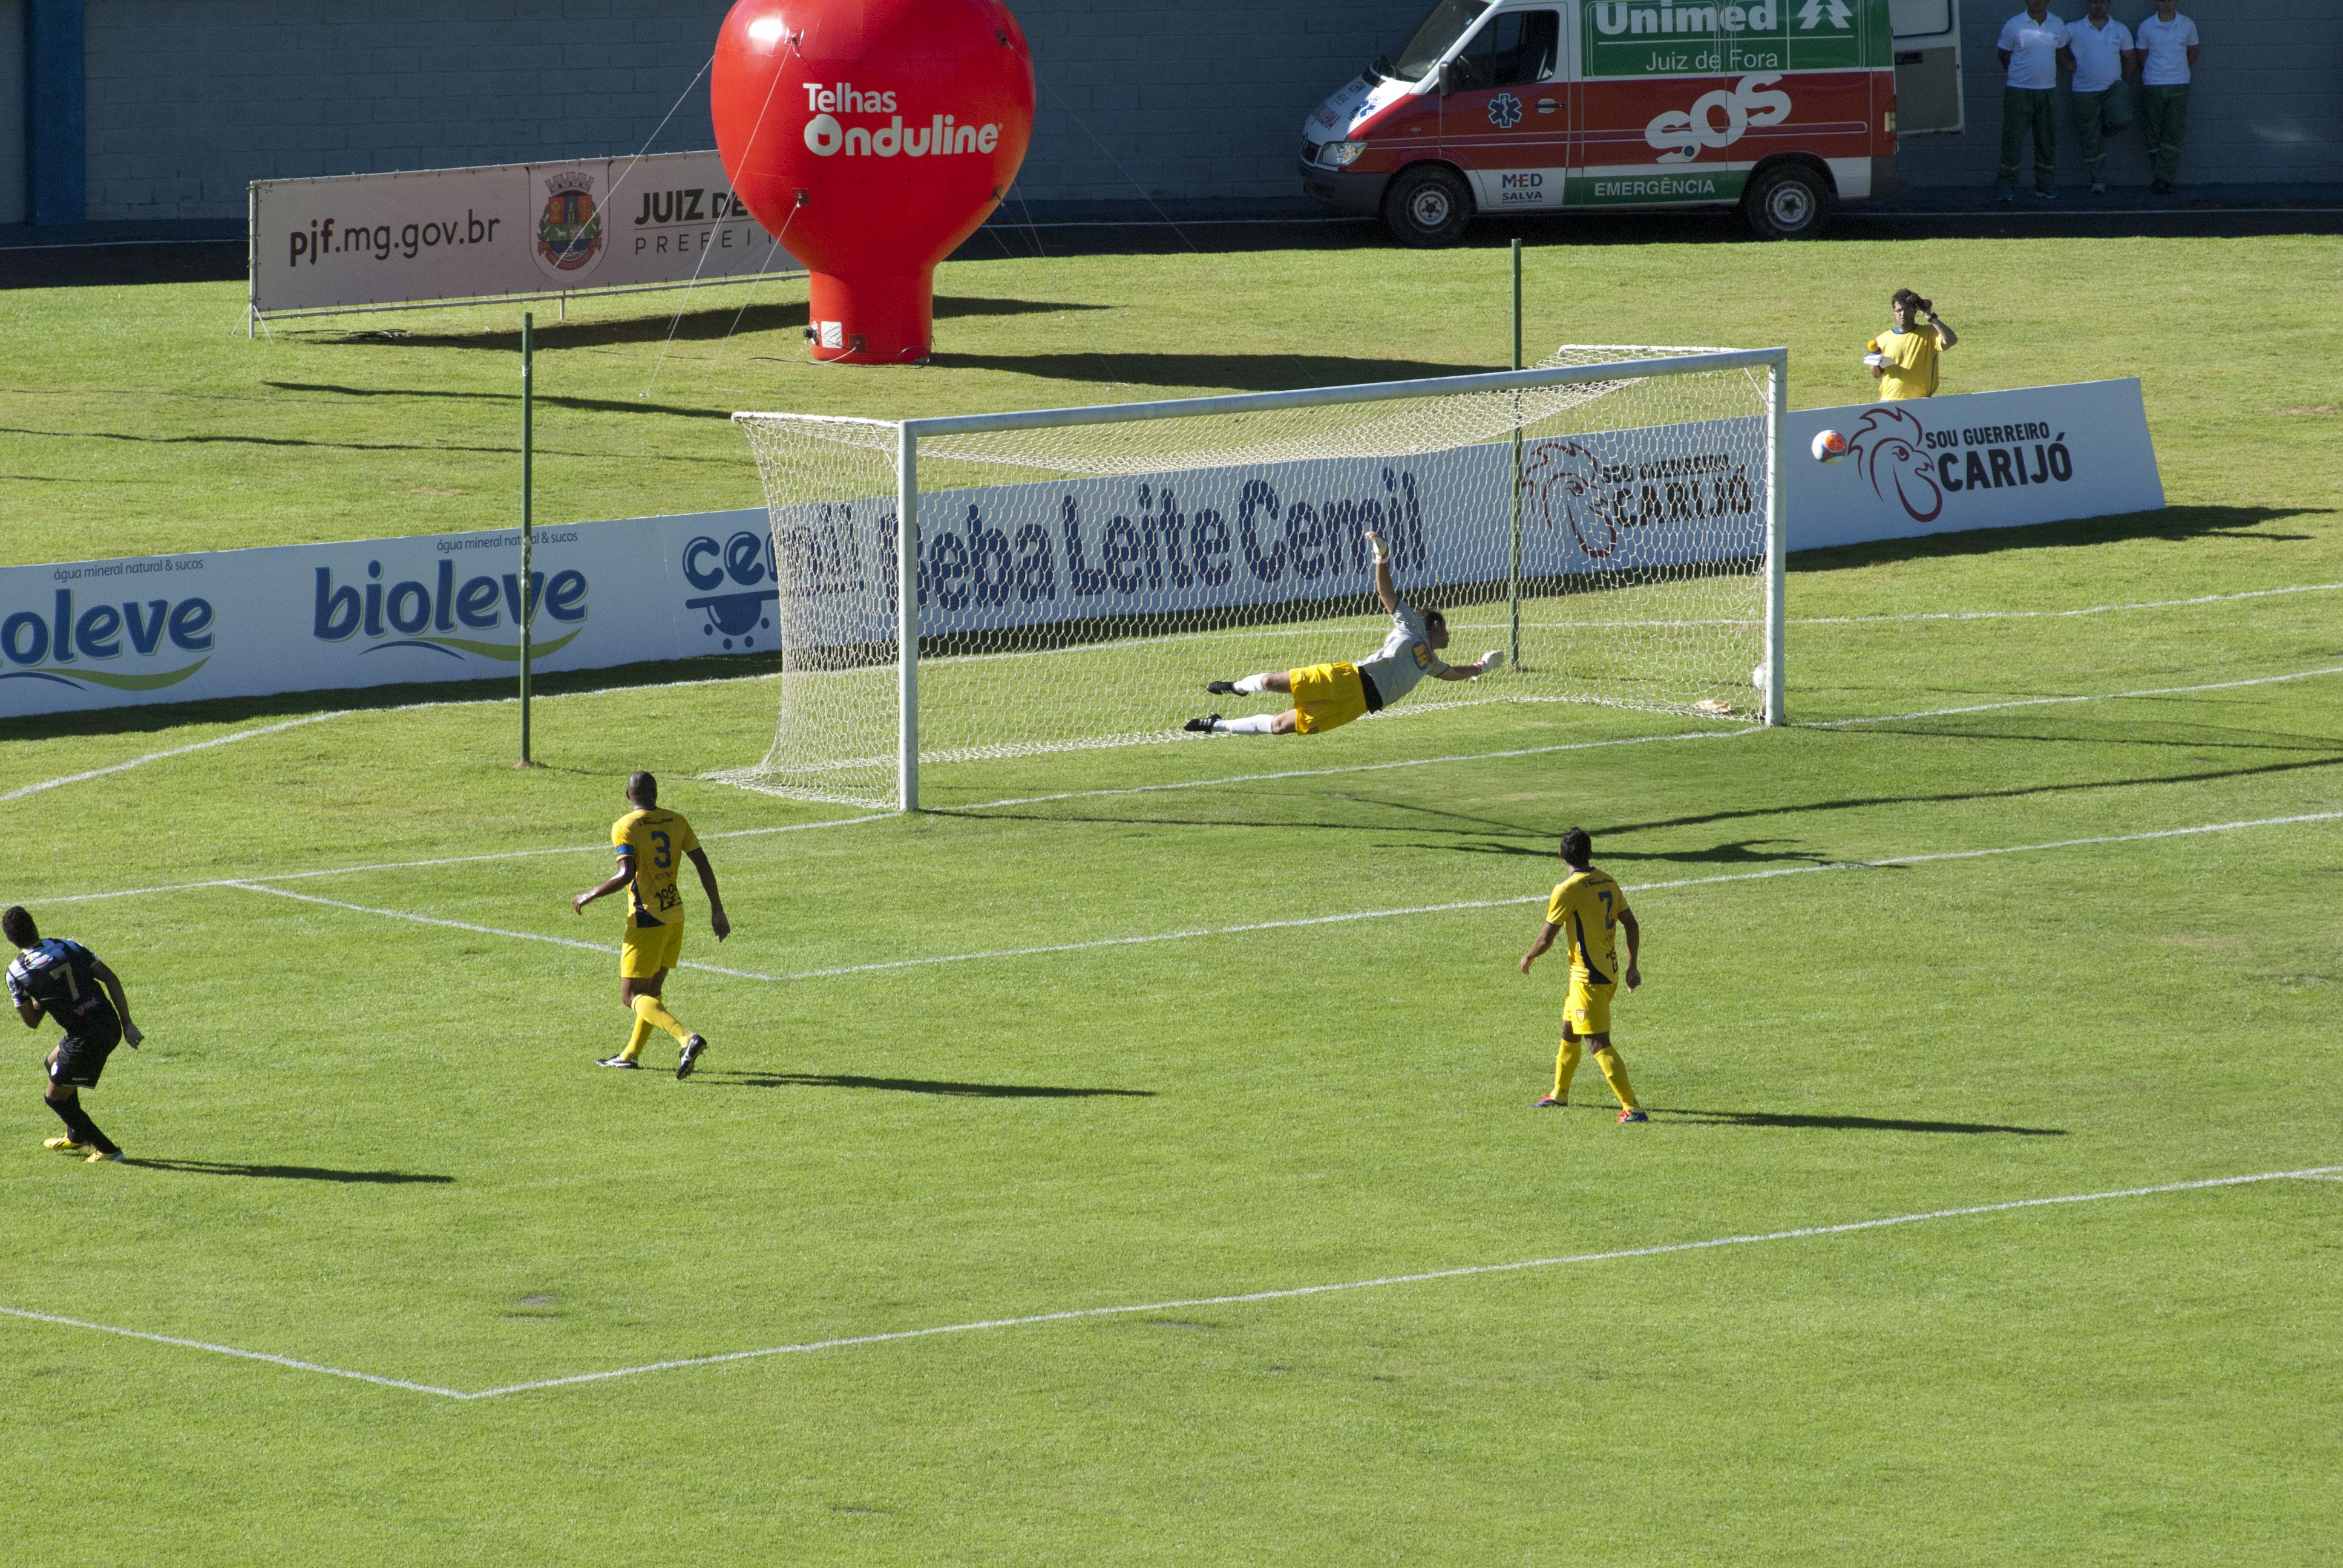 Chute colocado de Núbio, que procurou o gol durante toda a primeira etapa, principalmente